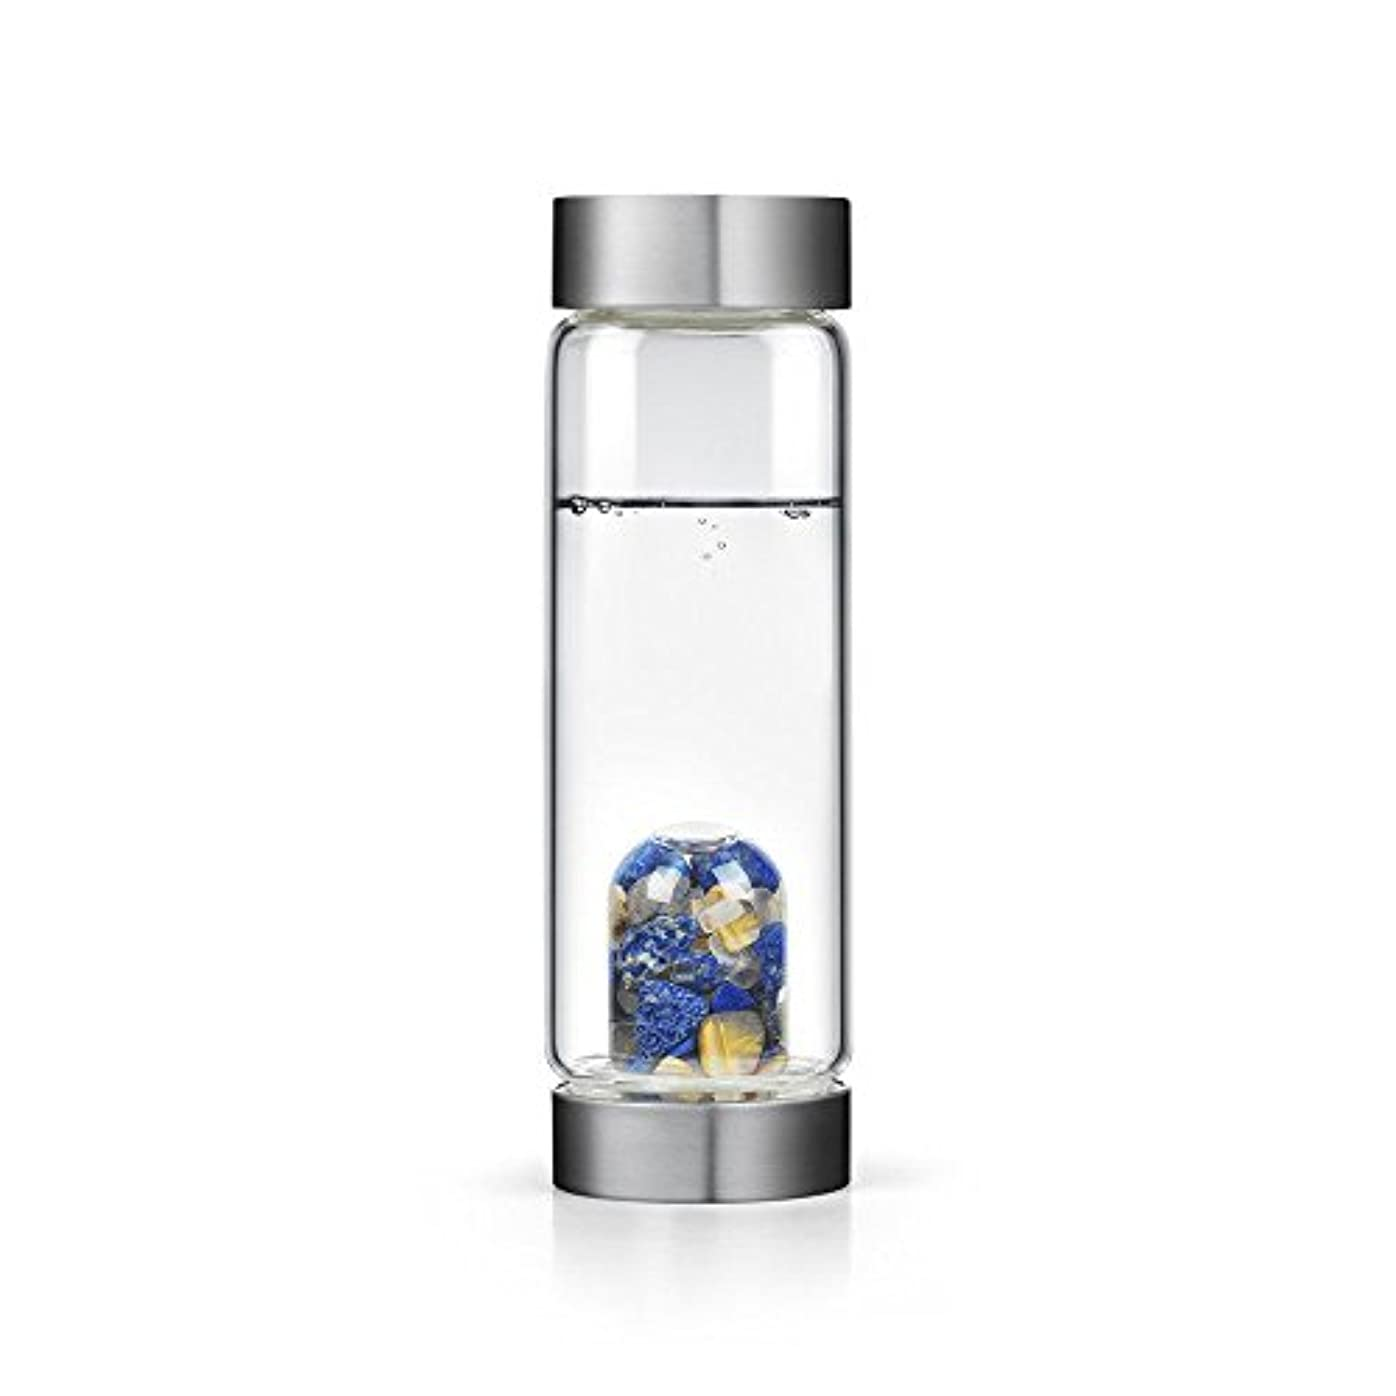 インスピレーションgem-waterボトルby VitaJuwel W / Freeカリフォルニアホワイトセージバンドル 16.9 fl oz